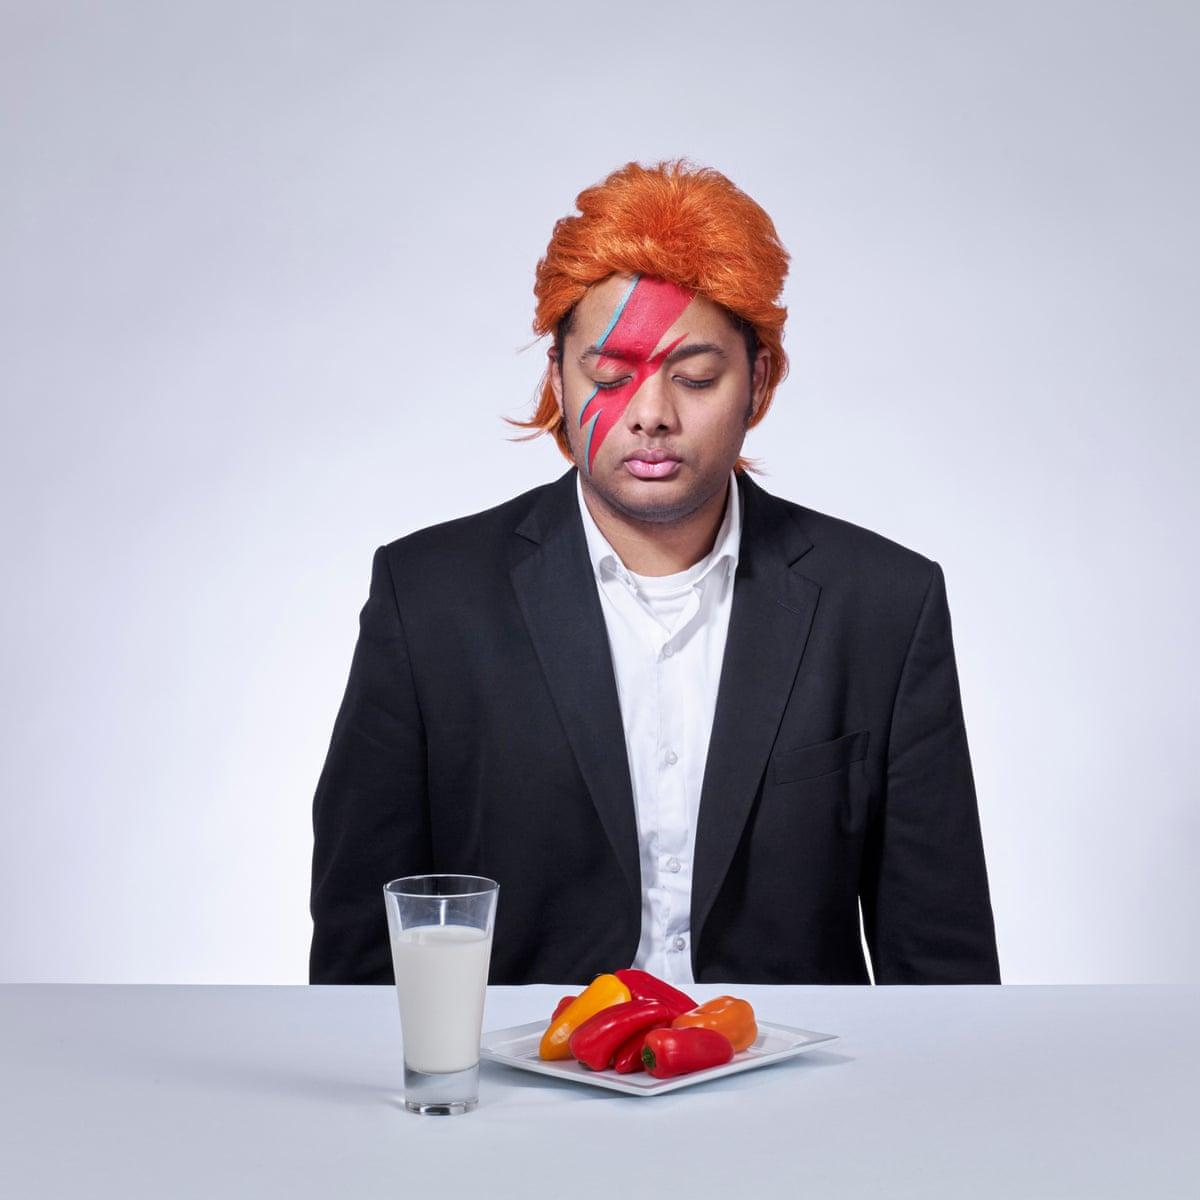 david bowie diet plan